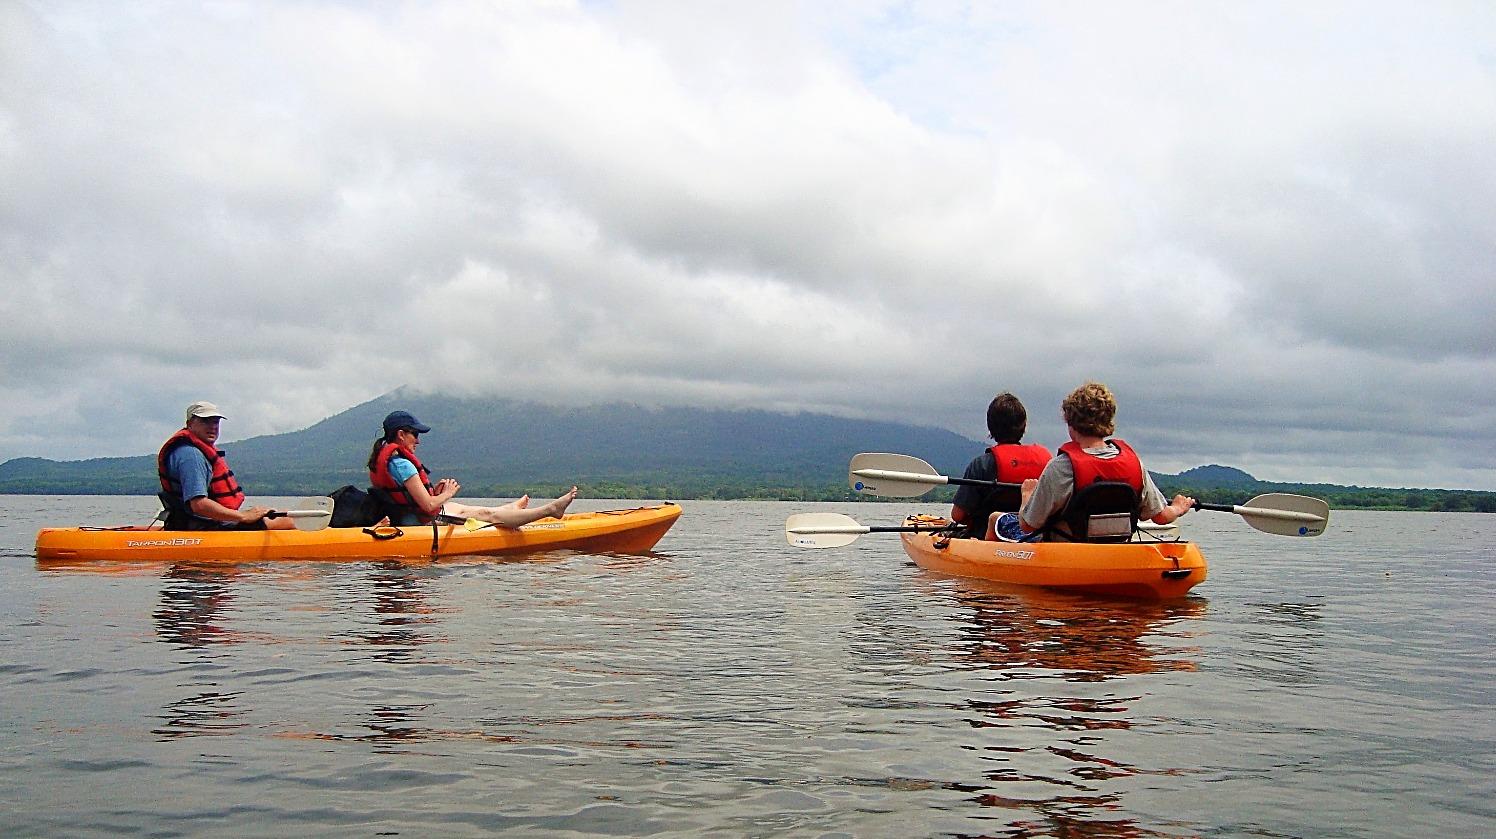 Tourist in kayak on Ometepe